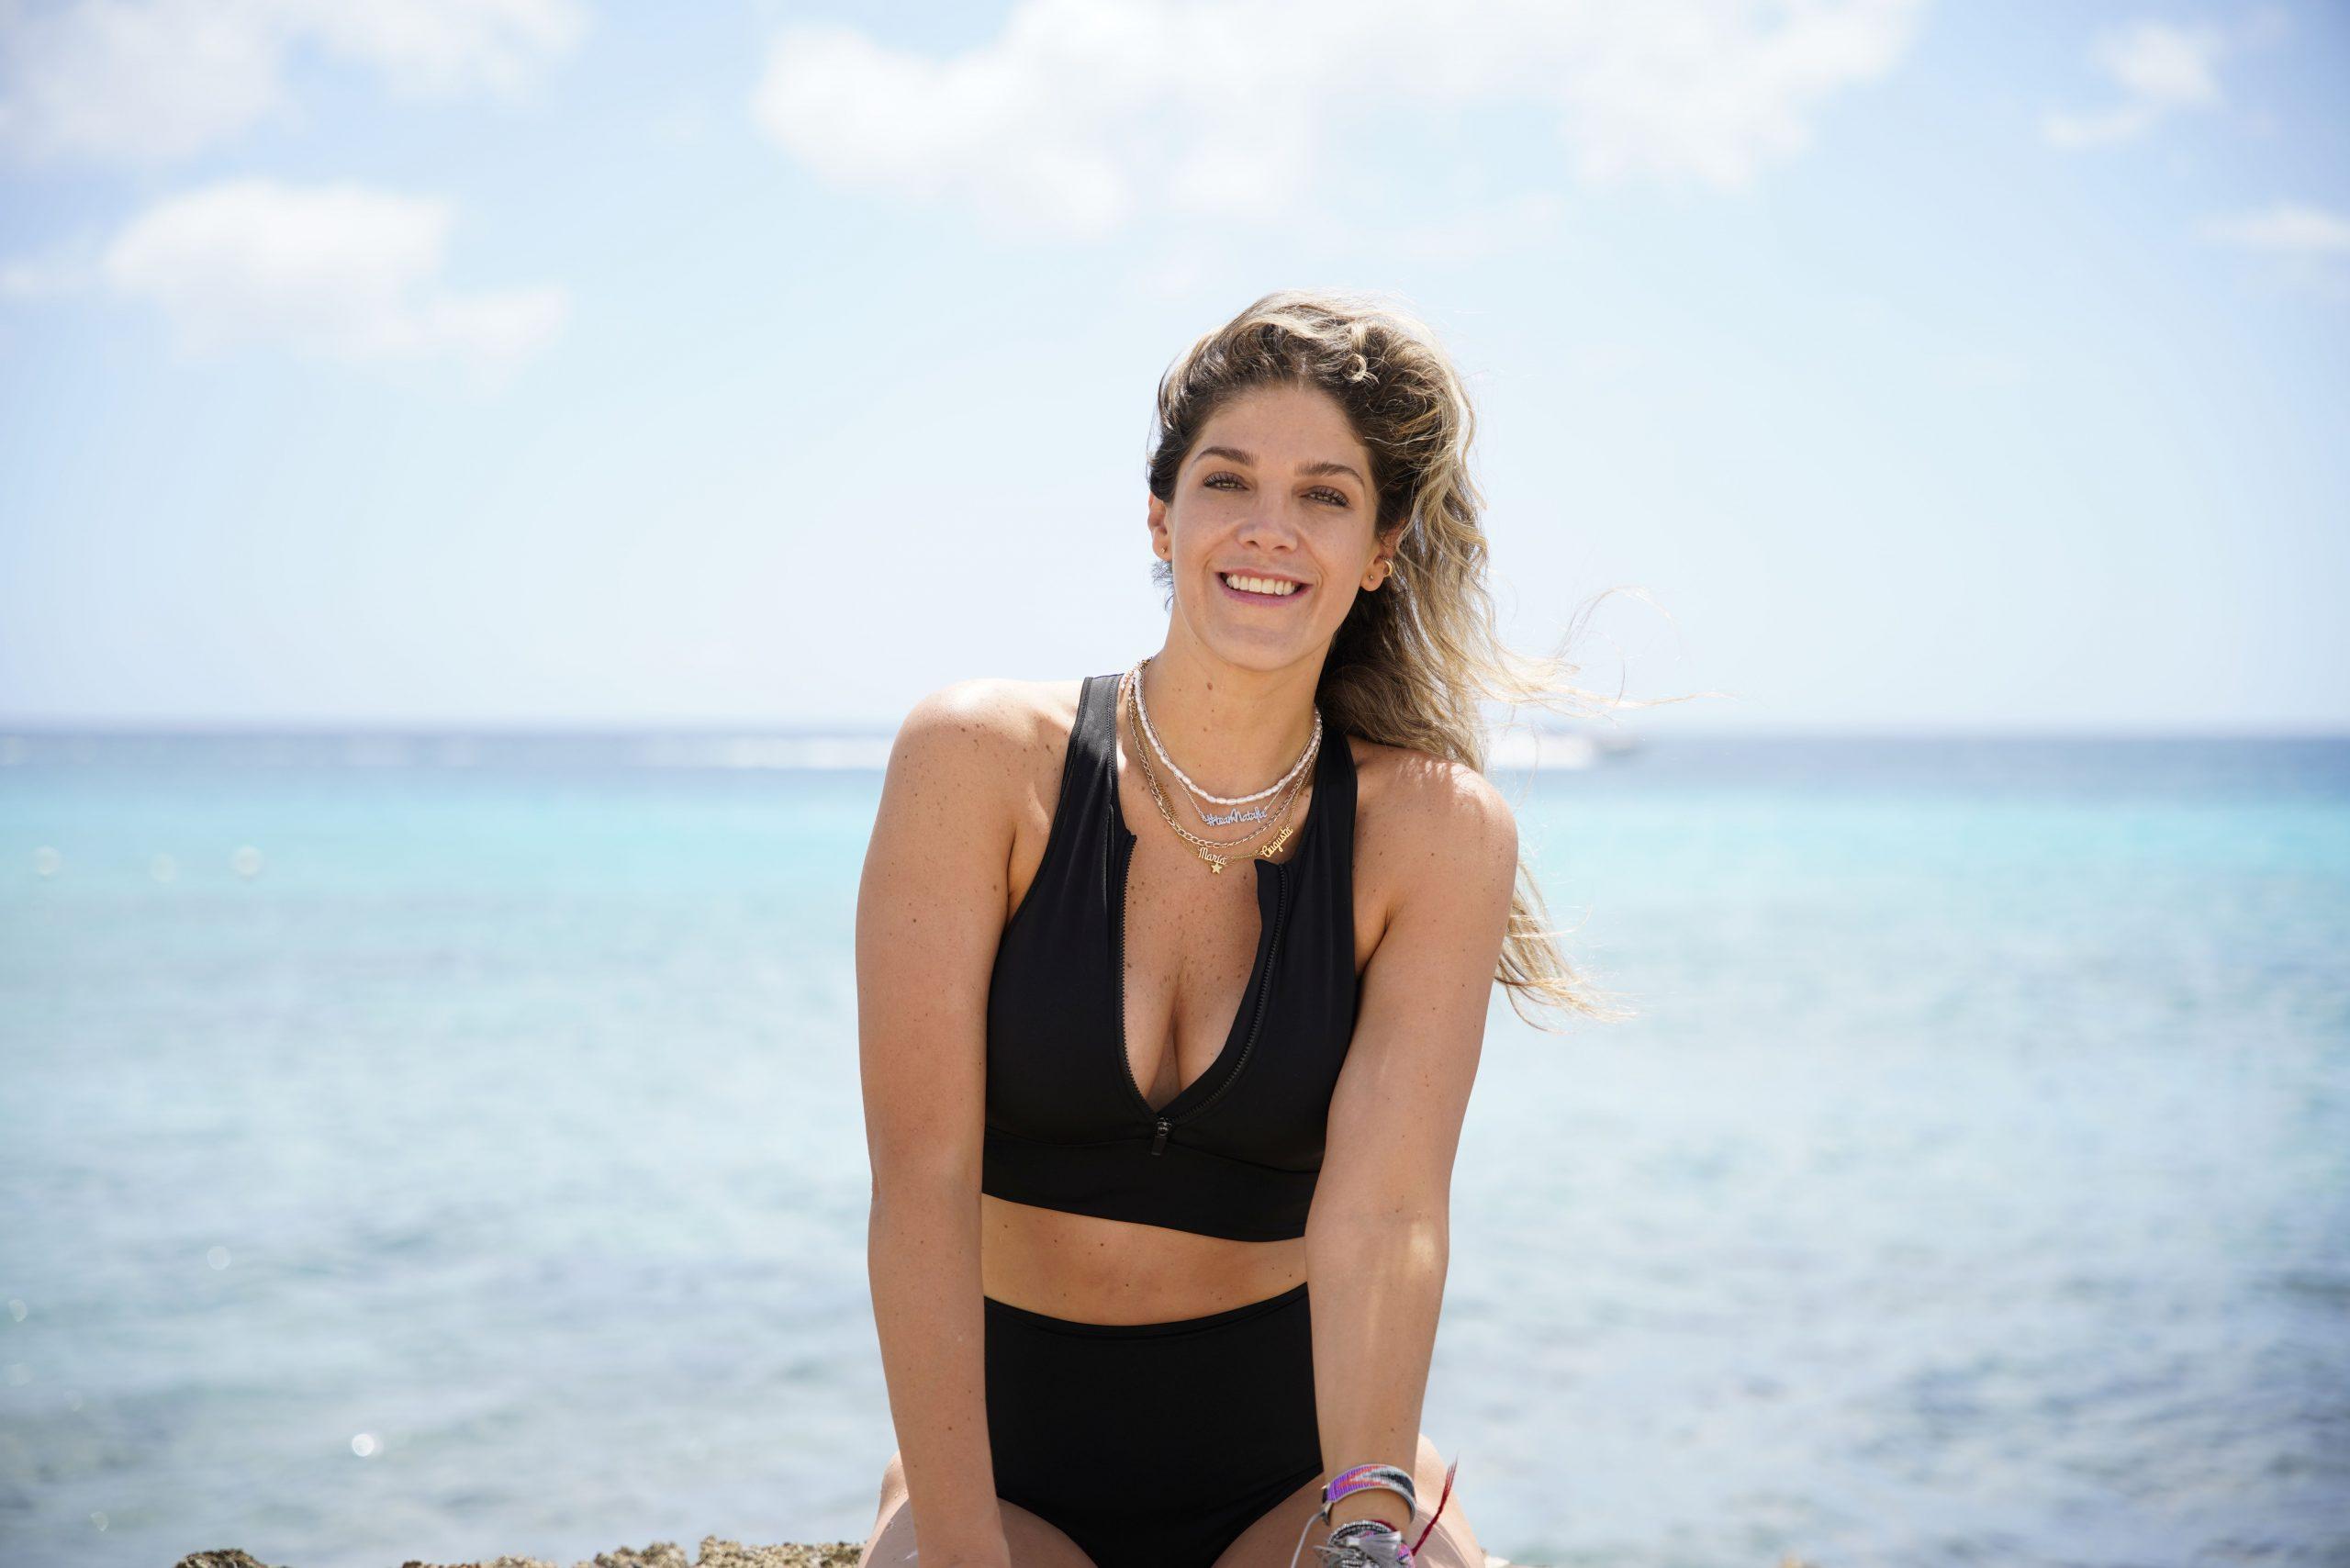 Natalia Alcocer del equipo Halcones fue eliminada de Survivor México